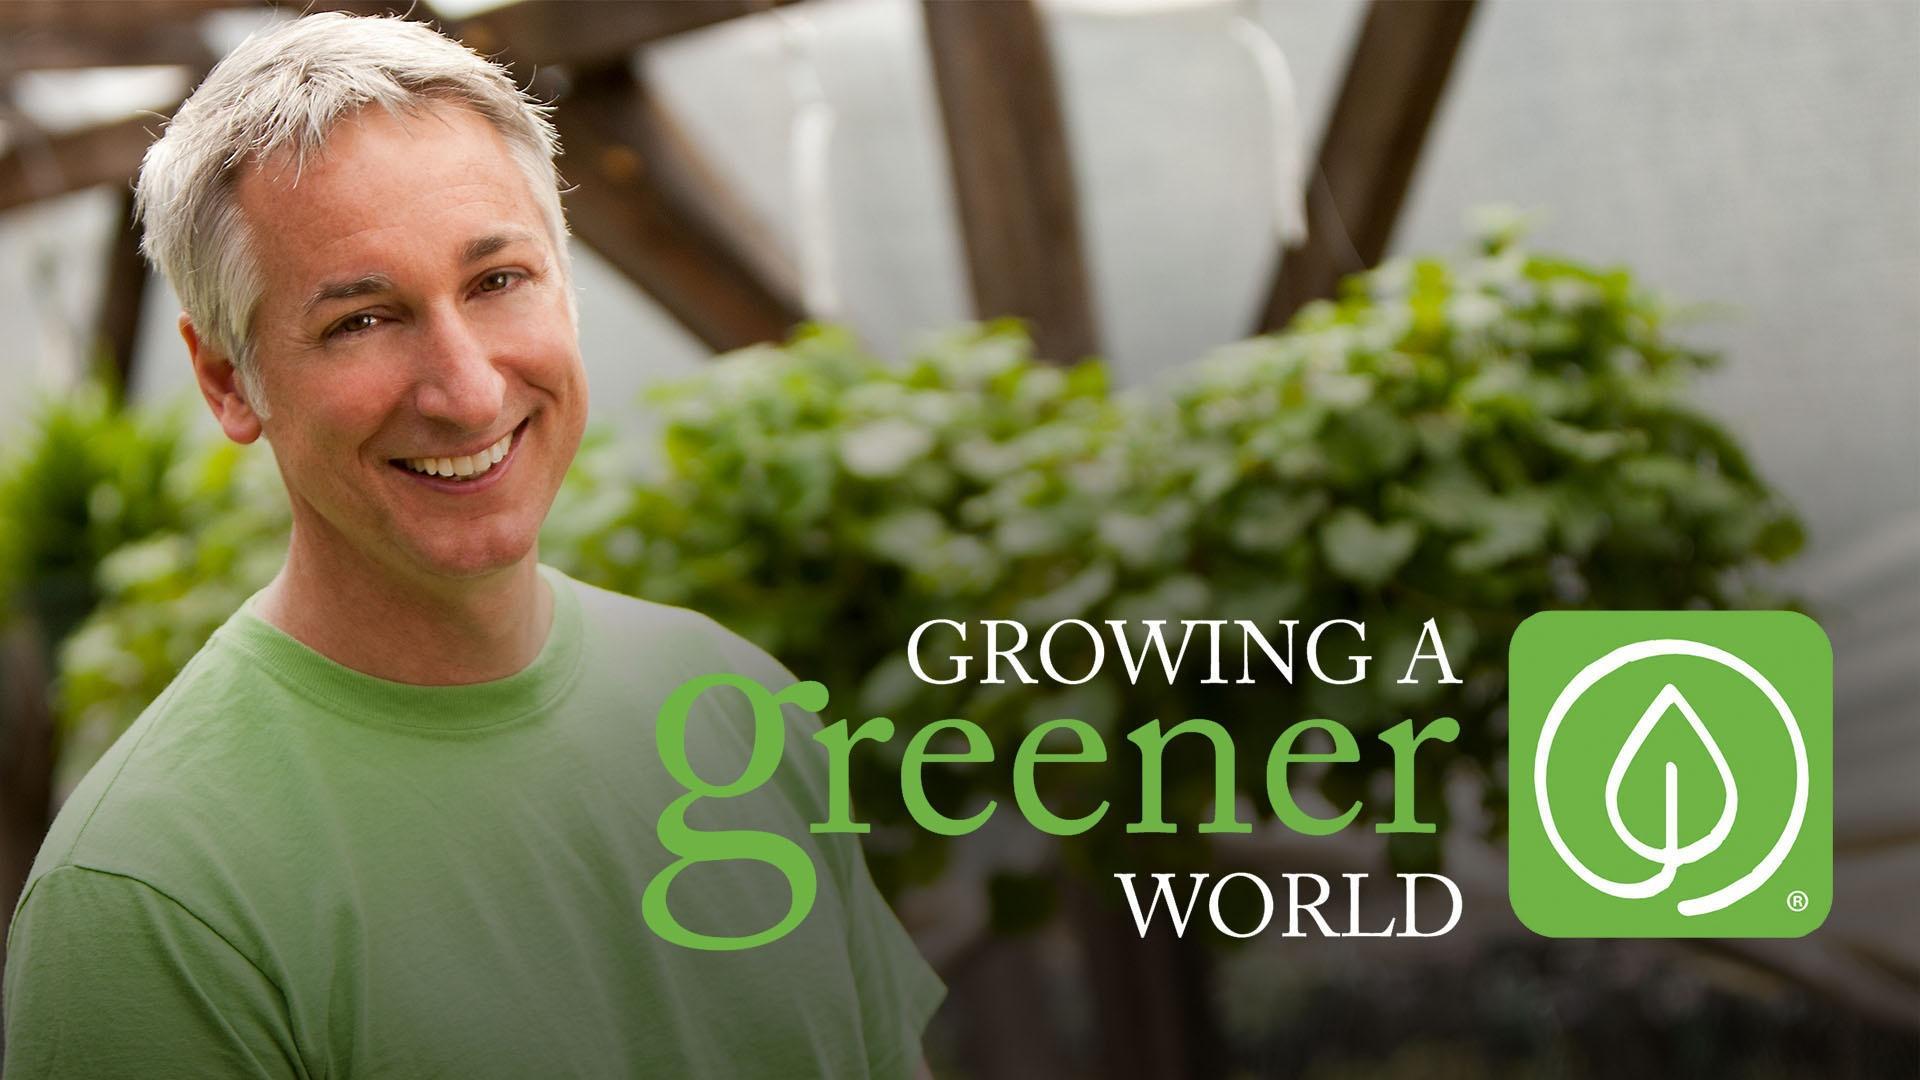 Growing a Greener World logo